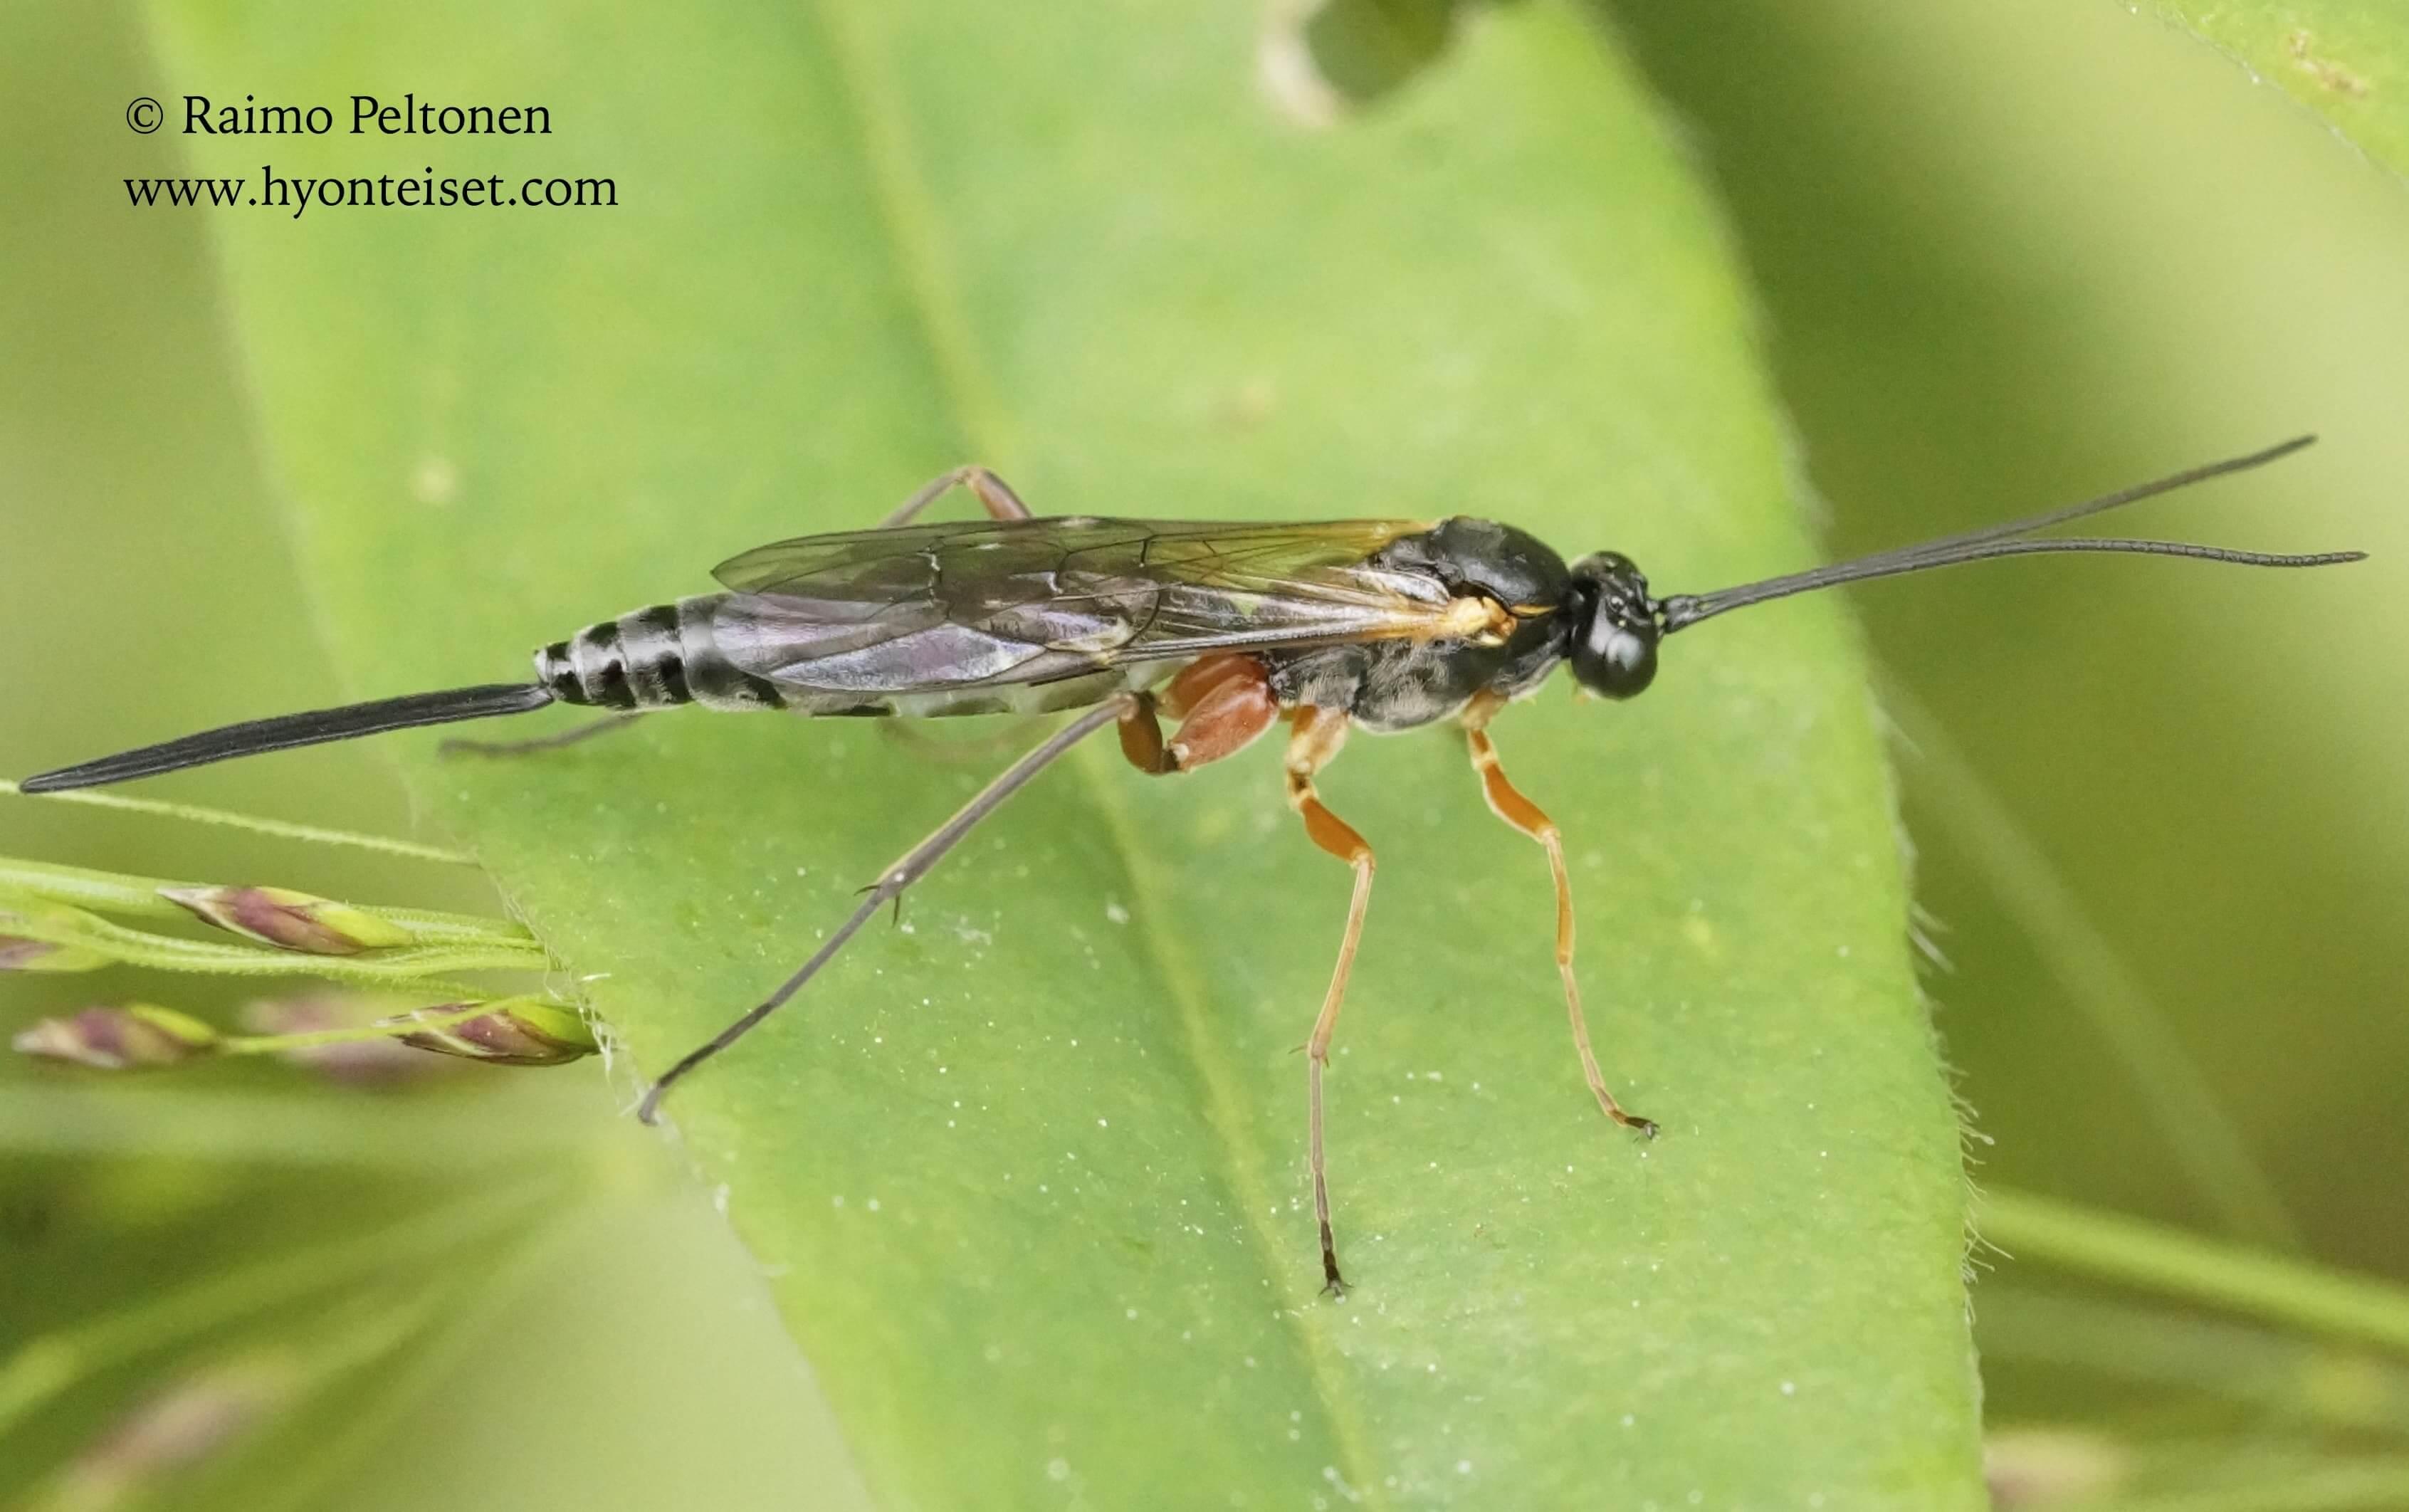 Ichneumoninae, tribus Ichneumonini (det. Gergely Varkonyi), 8.7.2015 Jyväskylä